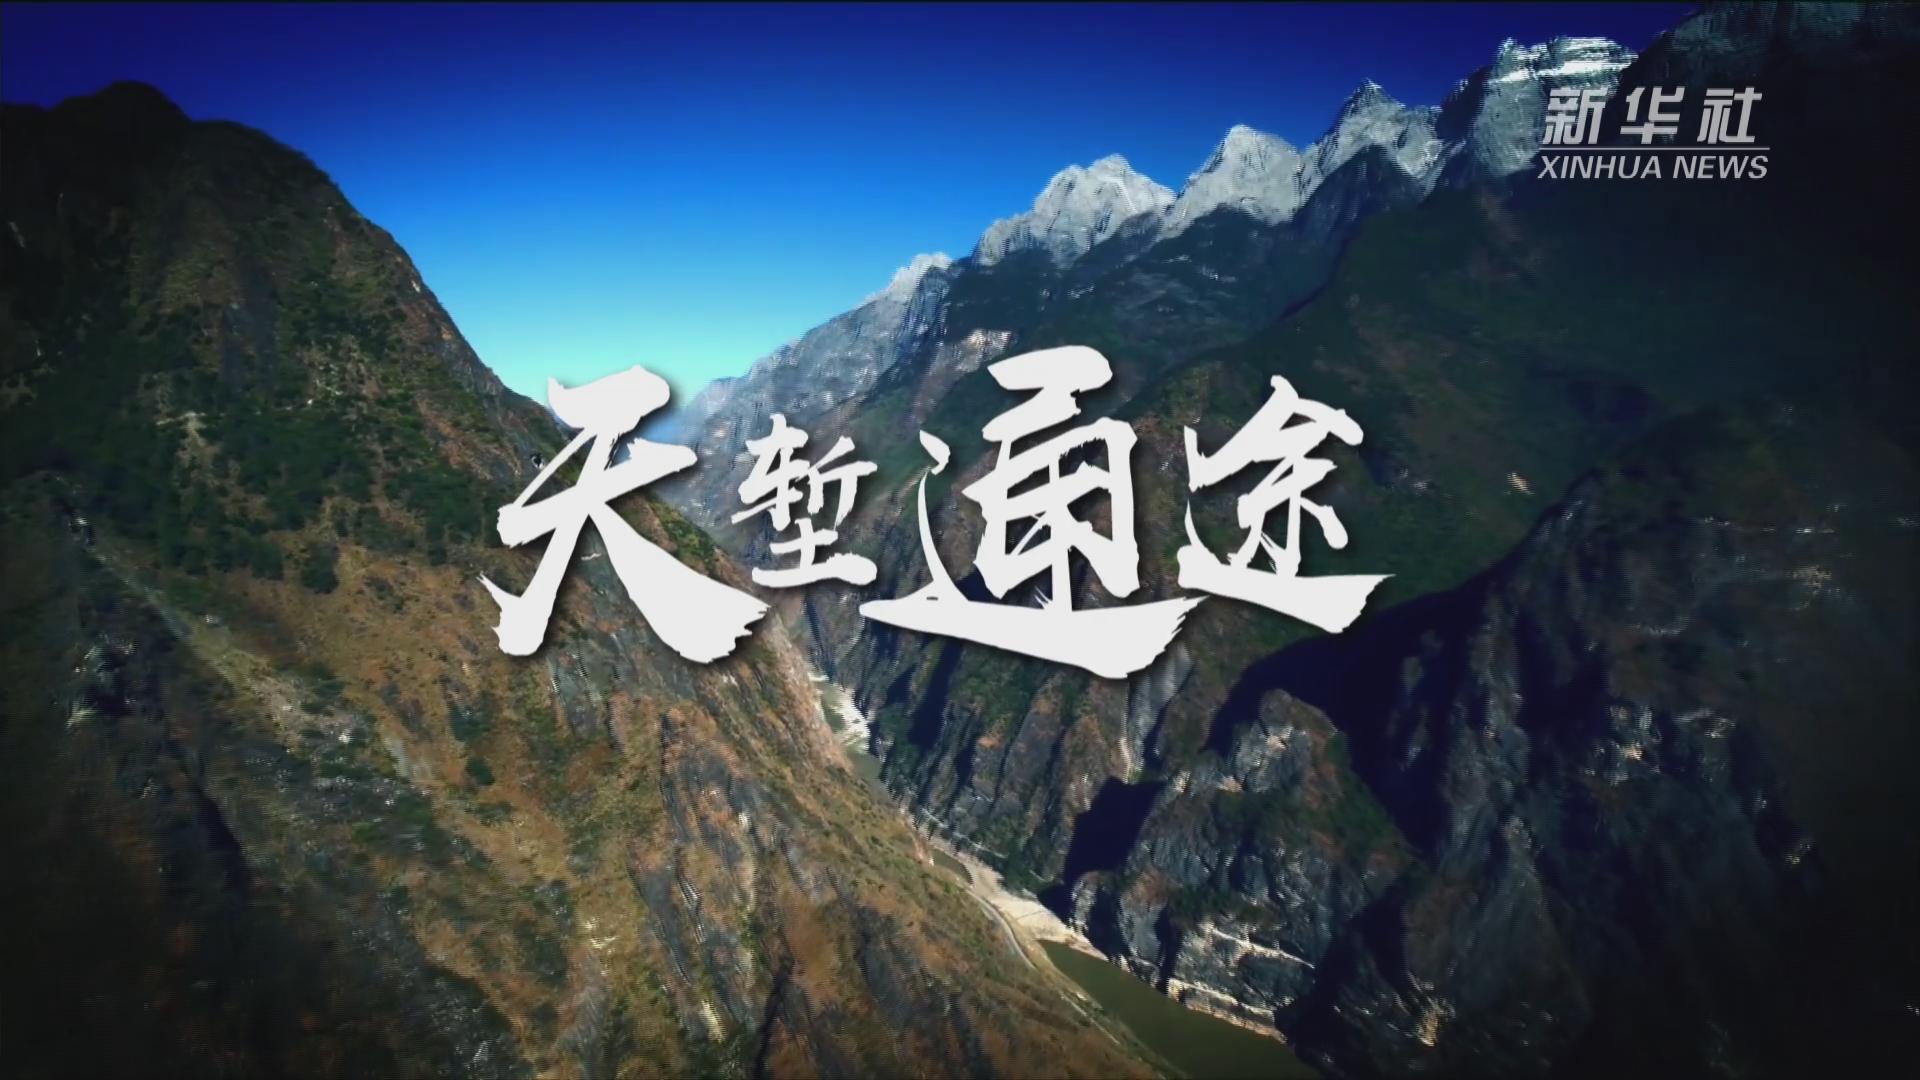 《中國減貧奇跡》之《天塹通途》